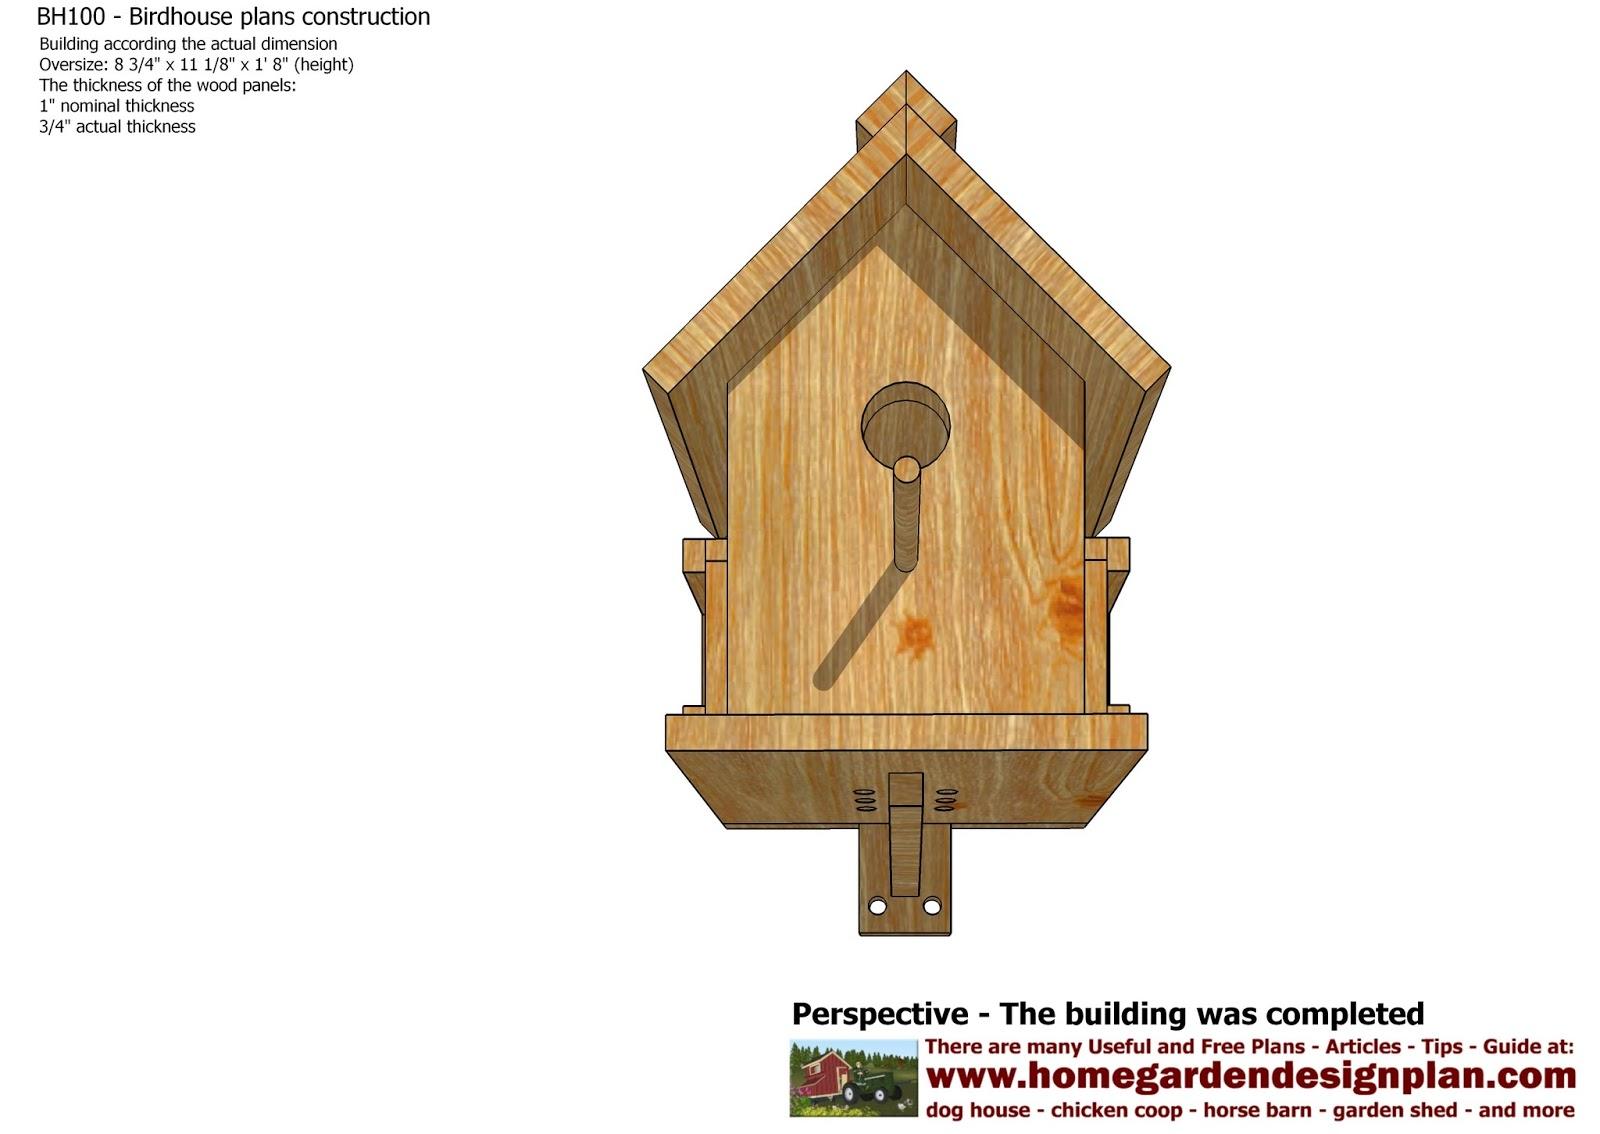 Home garden plans february 2012 for Building a quail house